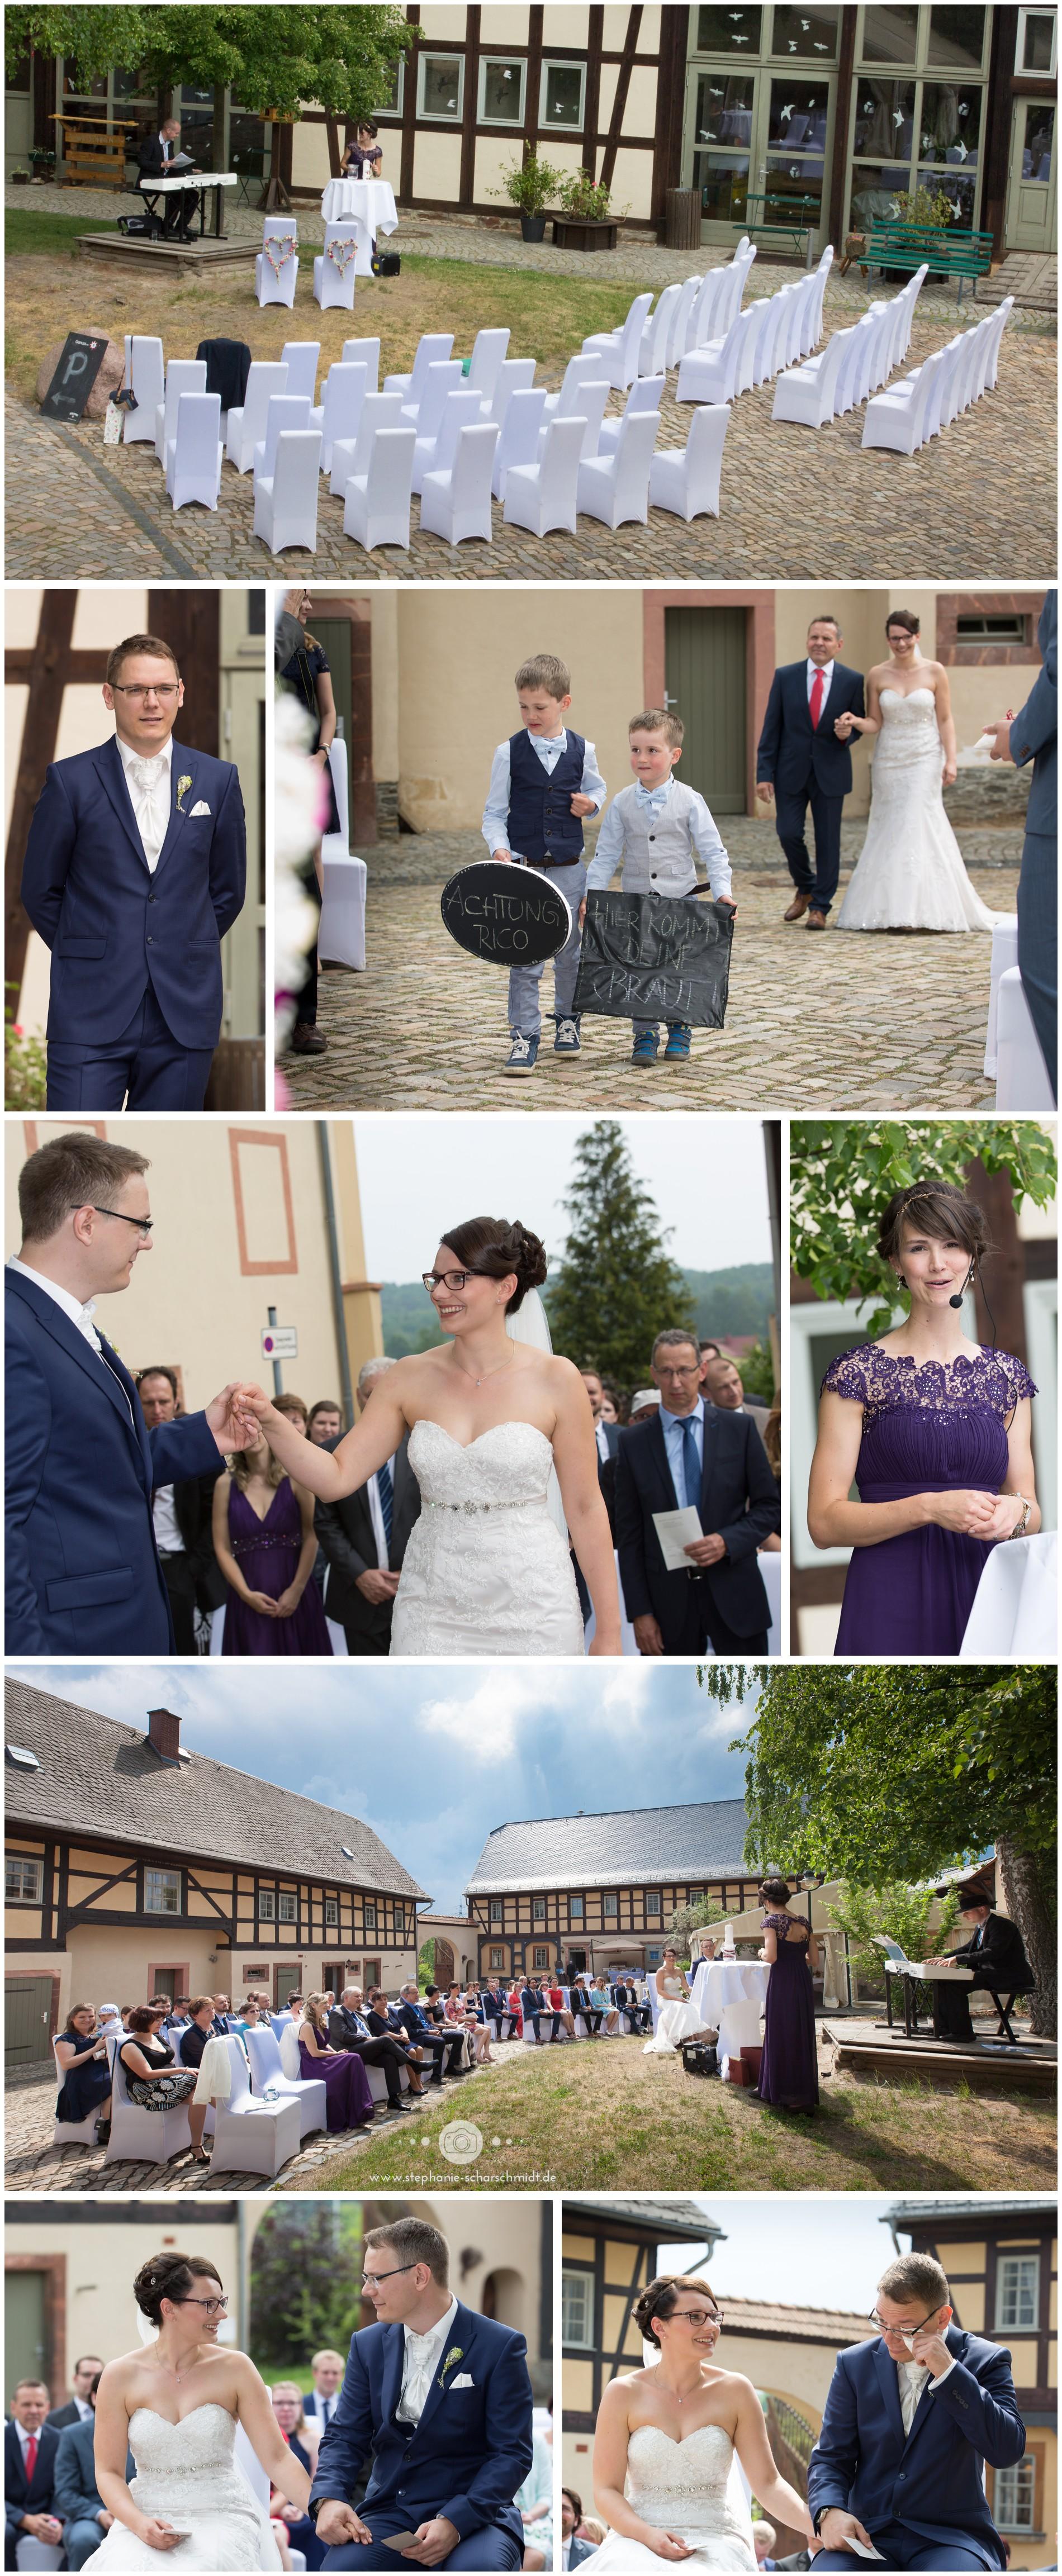 Hochzeit im Bauern & Denkmalhof Schlagwitz – Hochzeitsfotograf Stephanie Scharschmidt